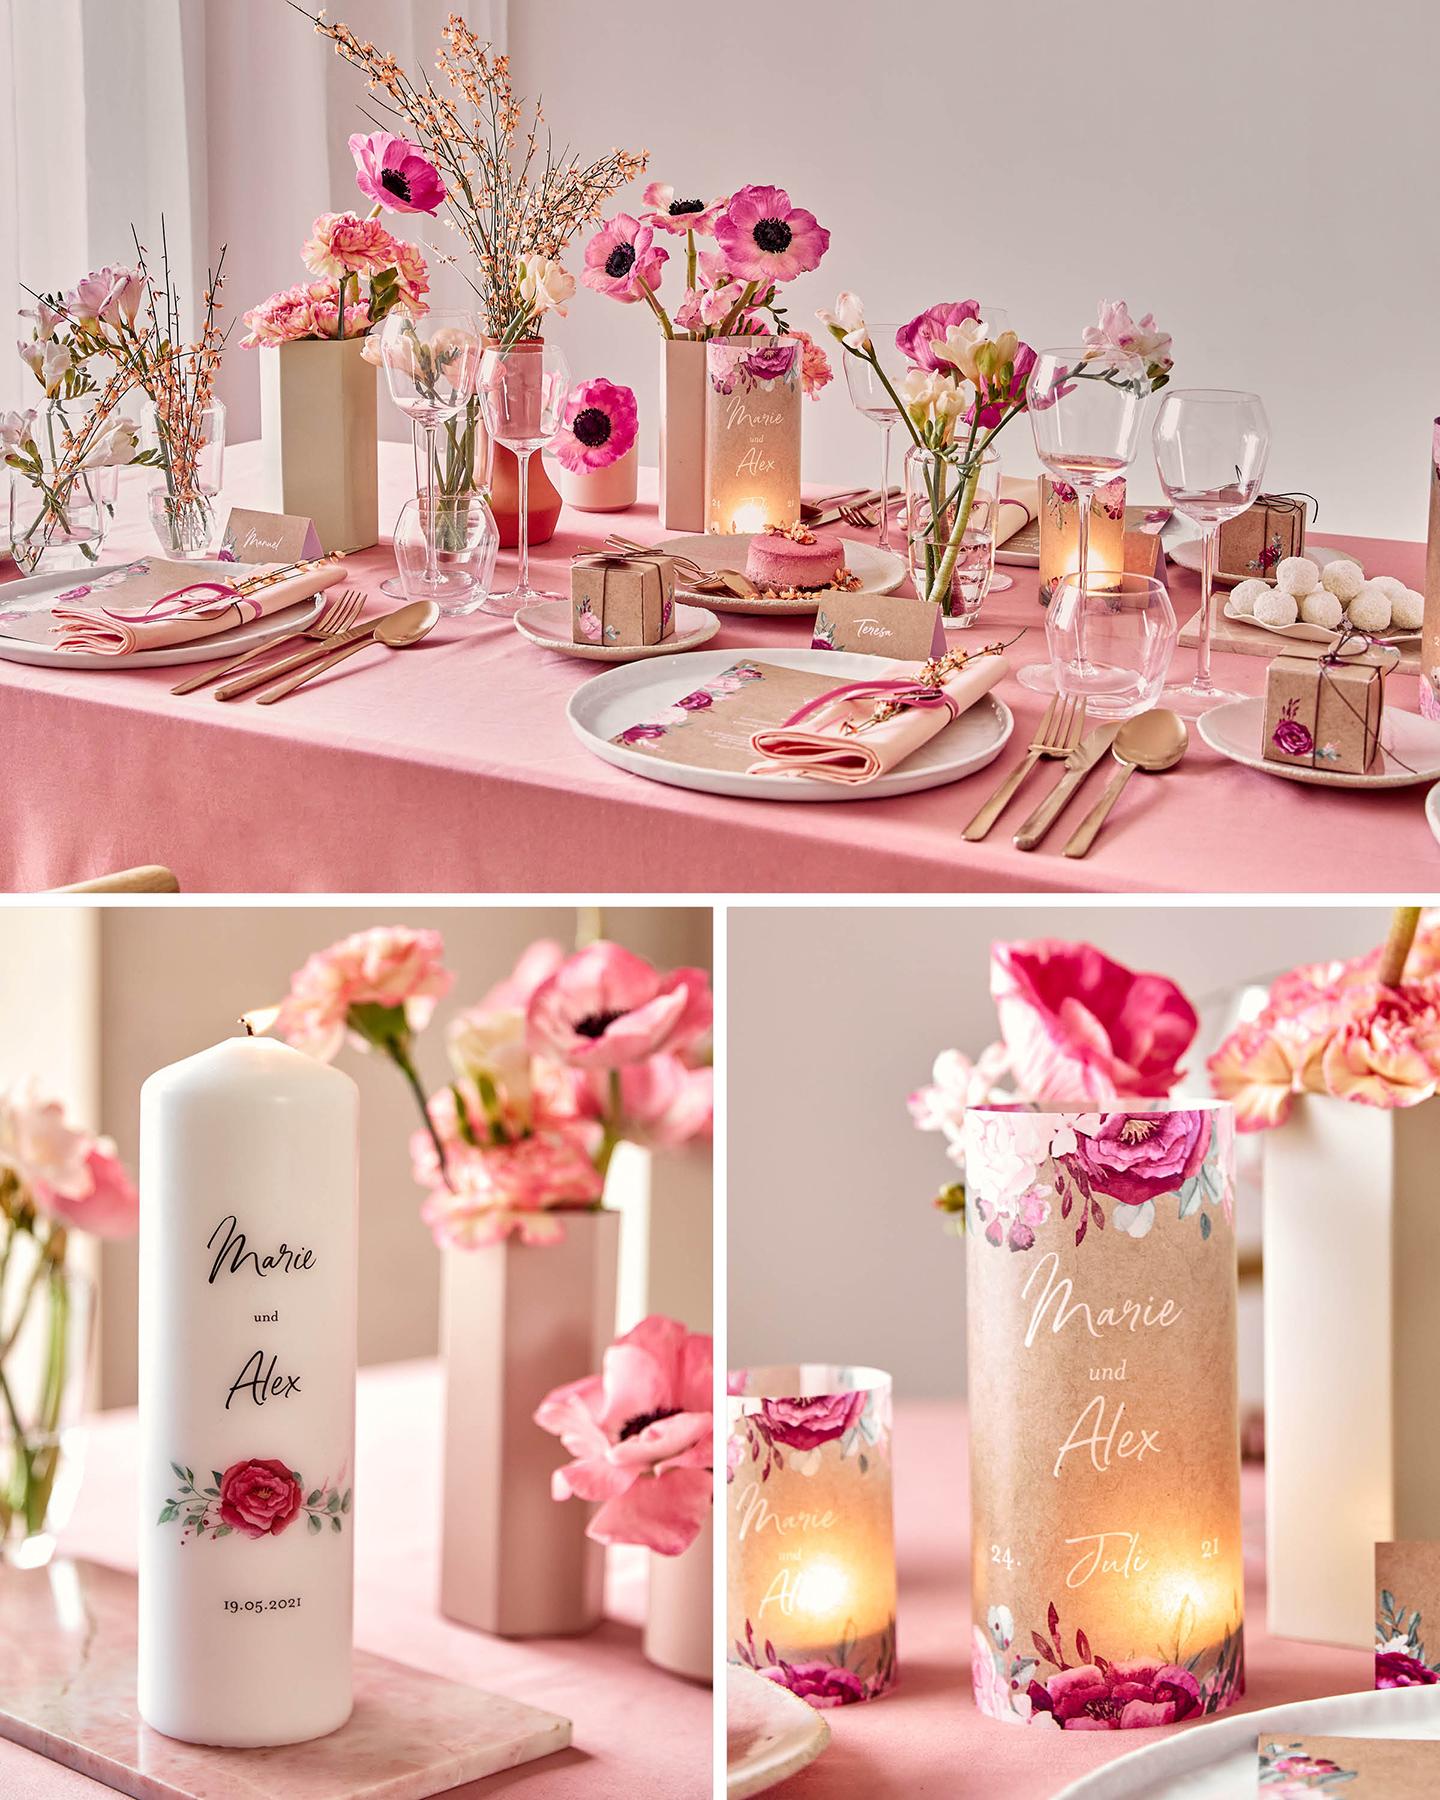 Gedeckte Hochzeitstafel in rosa Tönen und floralem Stil. Für die gemütliche Atmosphäre sorgen Windlichter und personalisierte Kerzen.